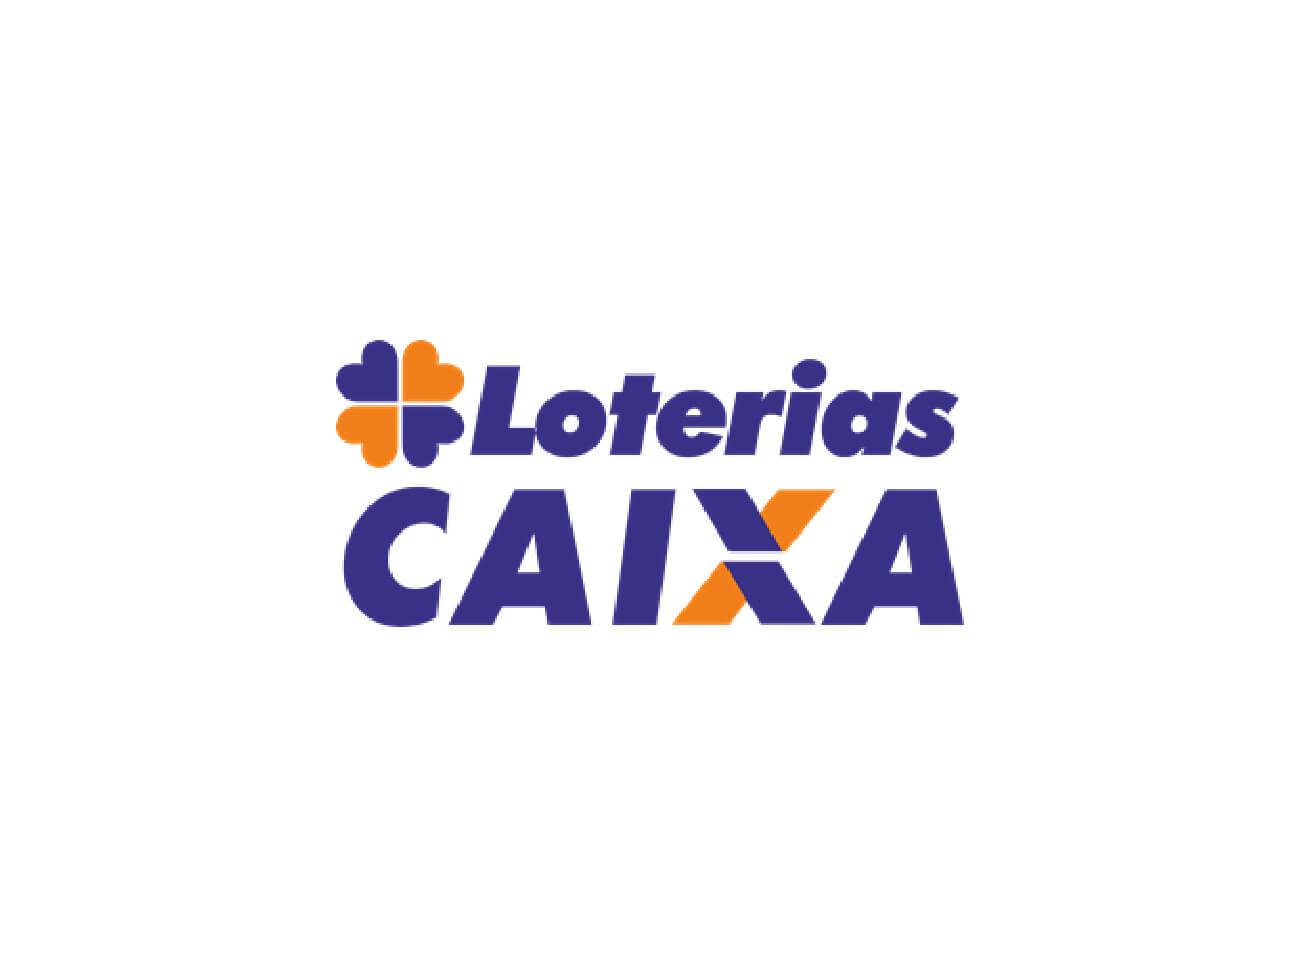 loteria-caixas